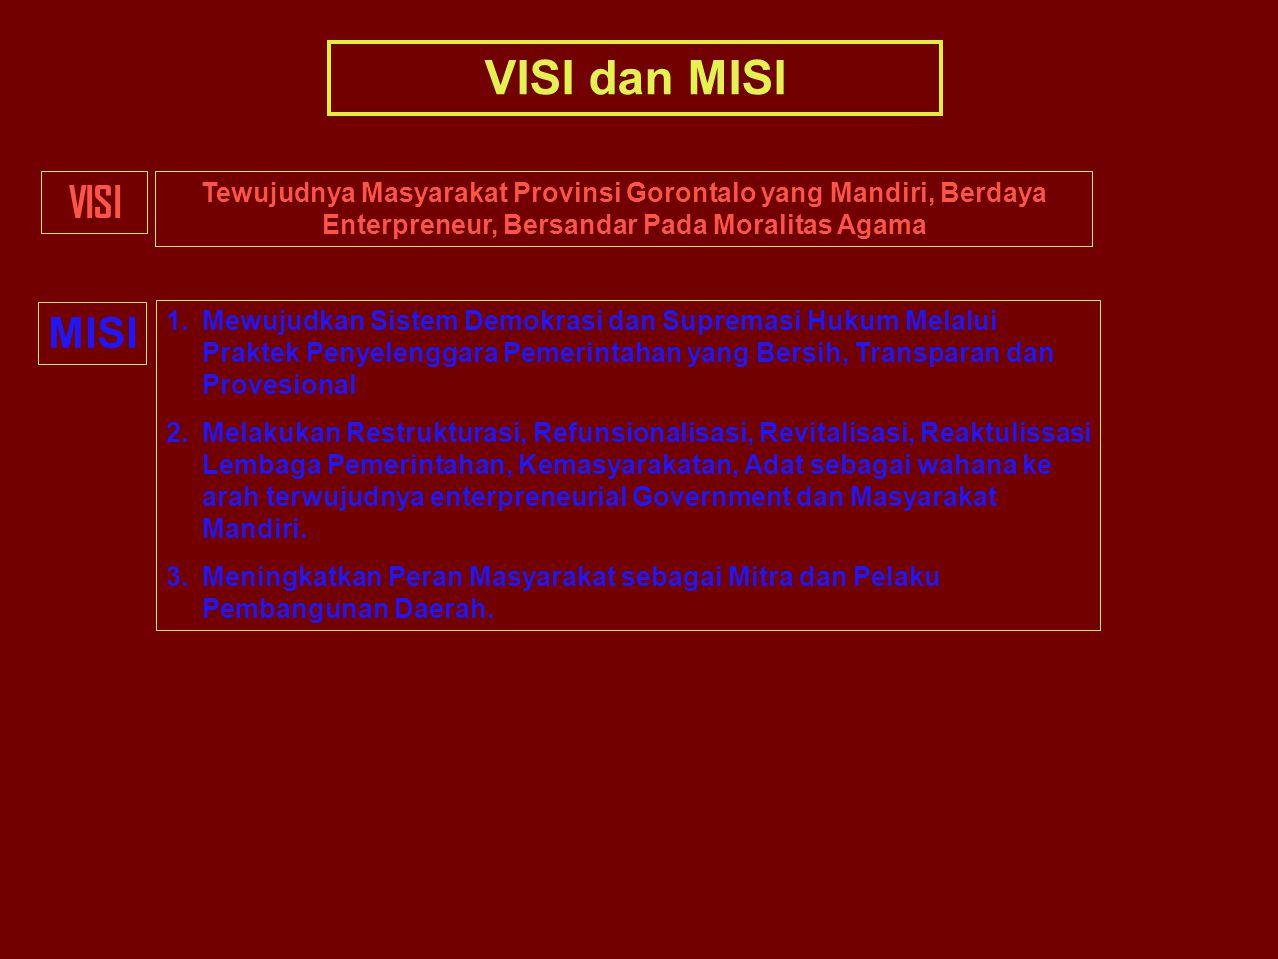 VISI dan MISI VISI. Tewujudnya Masyarakat Provinsi Gorontalo yang Mandiri, Berdaya Enterpreneur, Bersandar Pada Moralitas Agama.